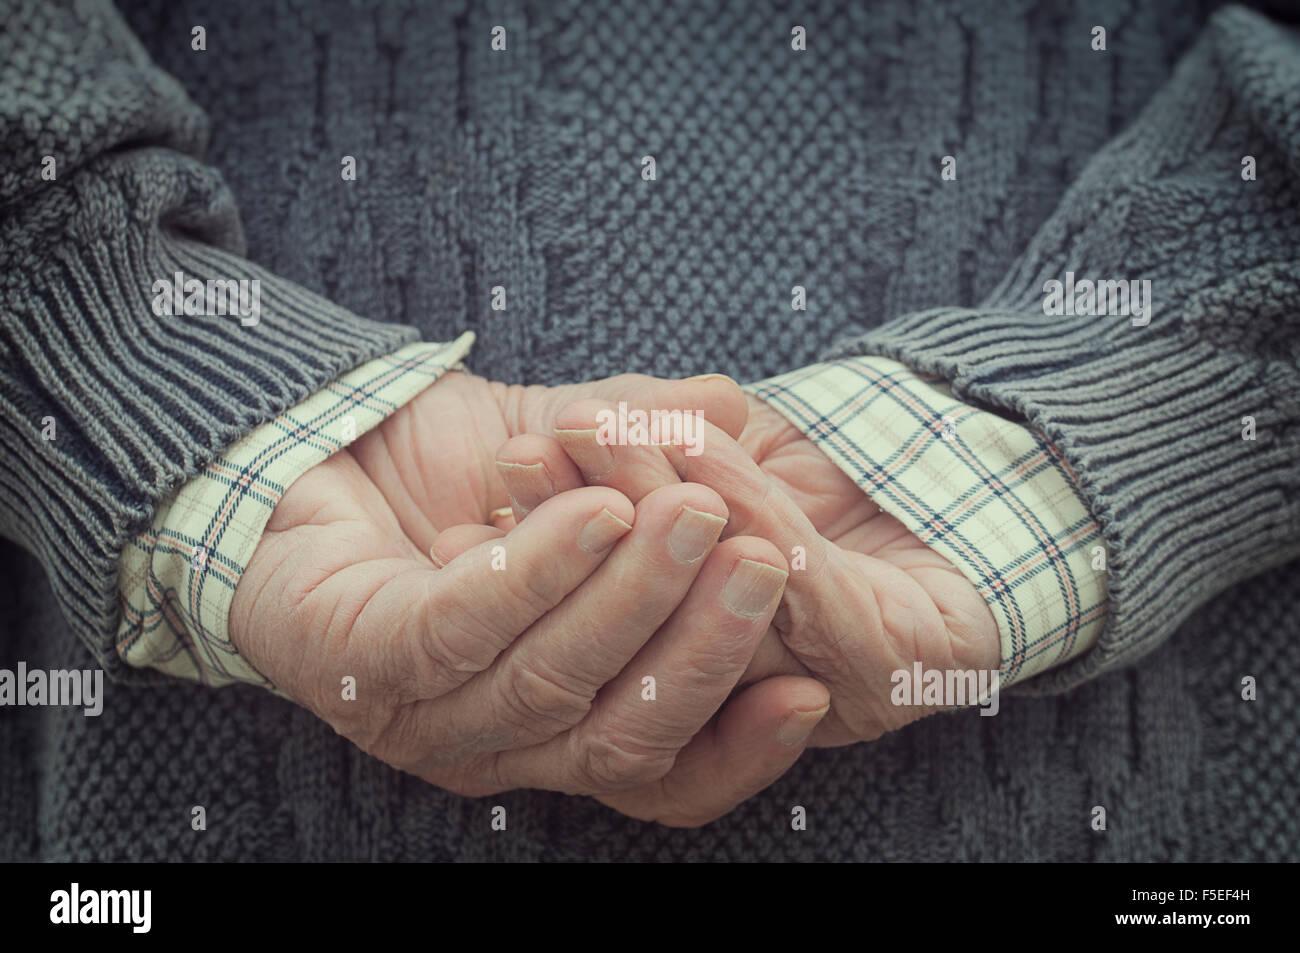 Vista trasera de un hombre con las manos detrás de la espalda Imagen De Stock